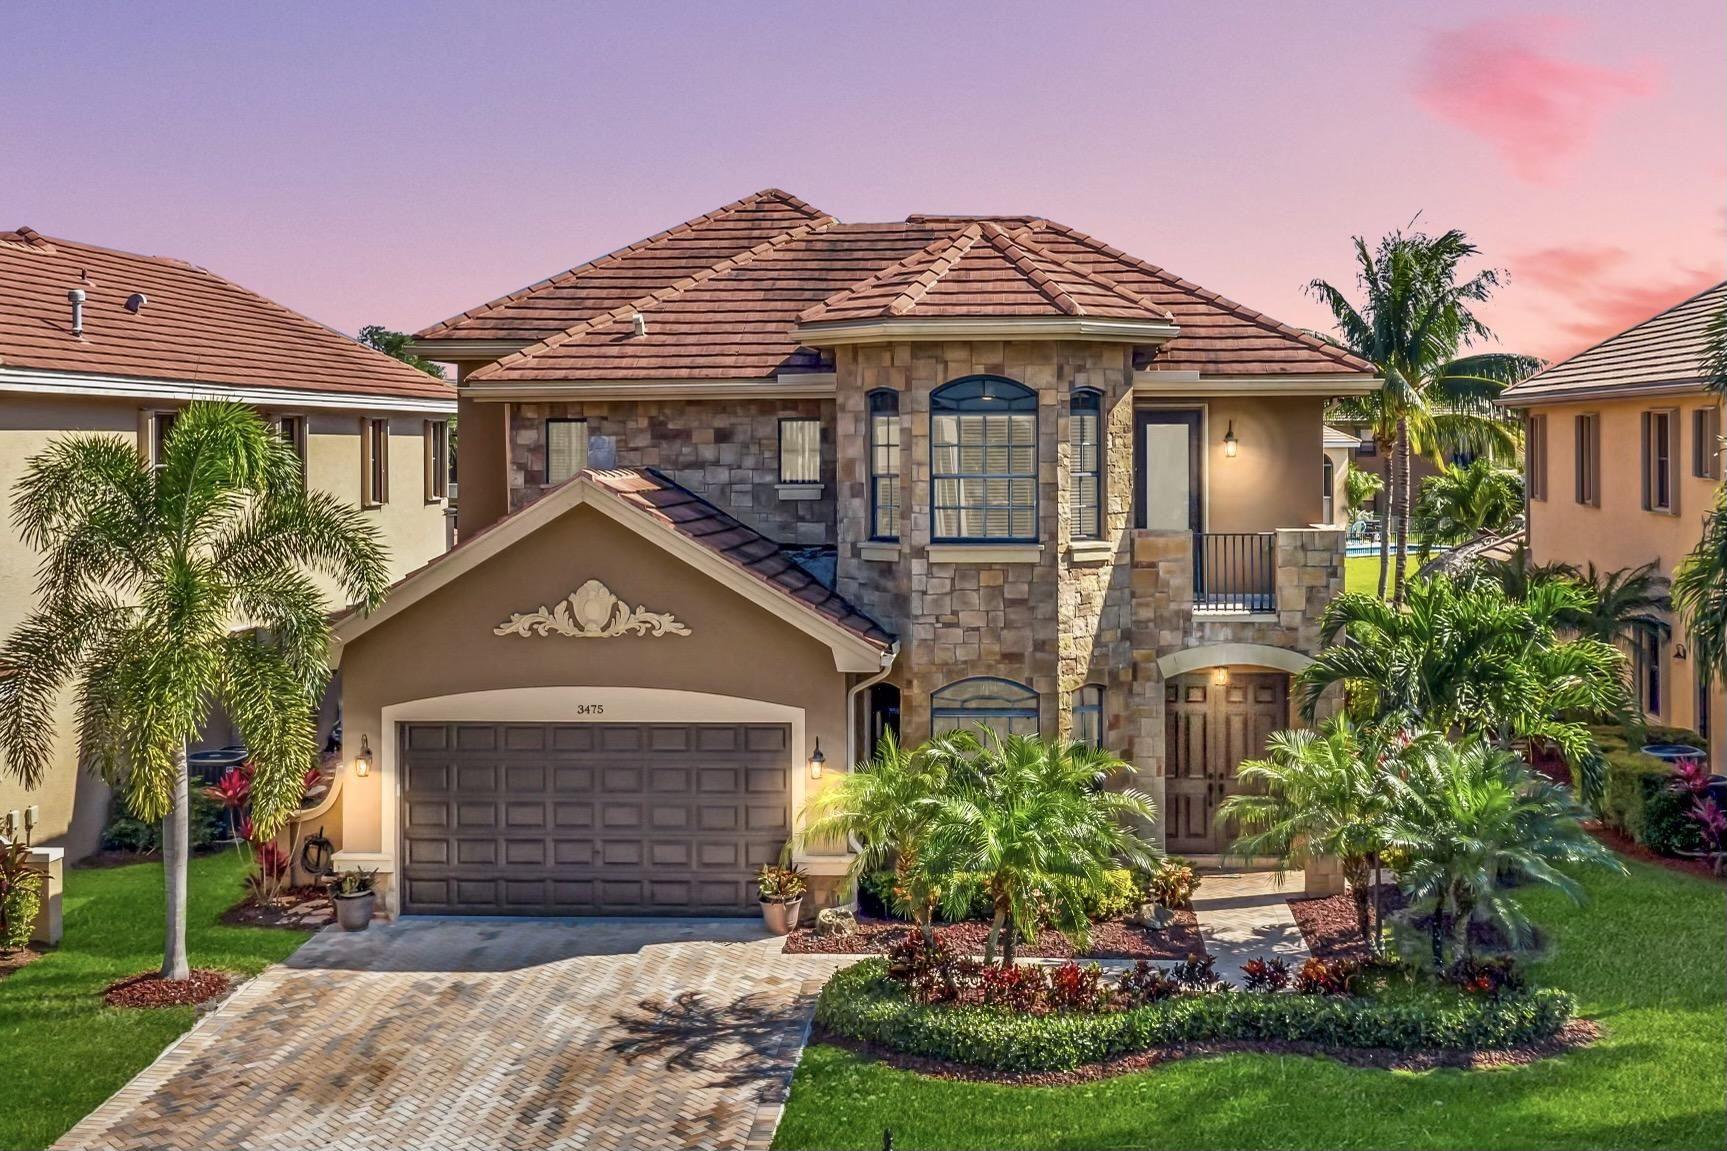 3475 Collonade Drive, Wellington, FL 33449 - #: RX-10706711